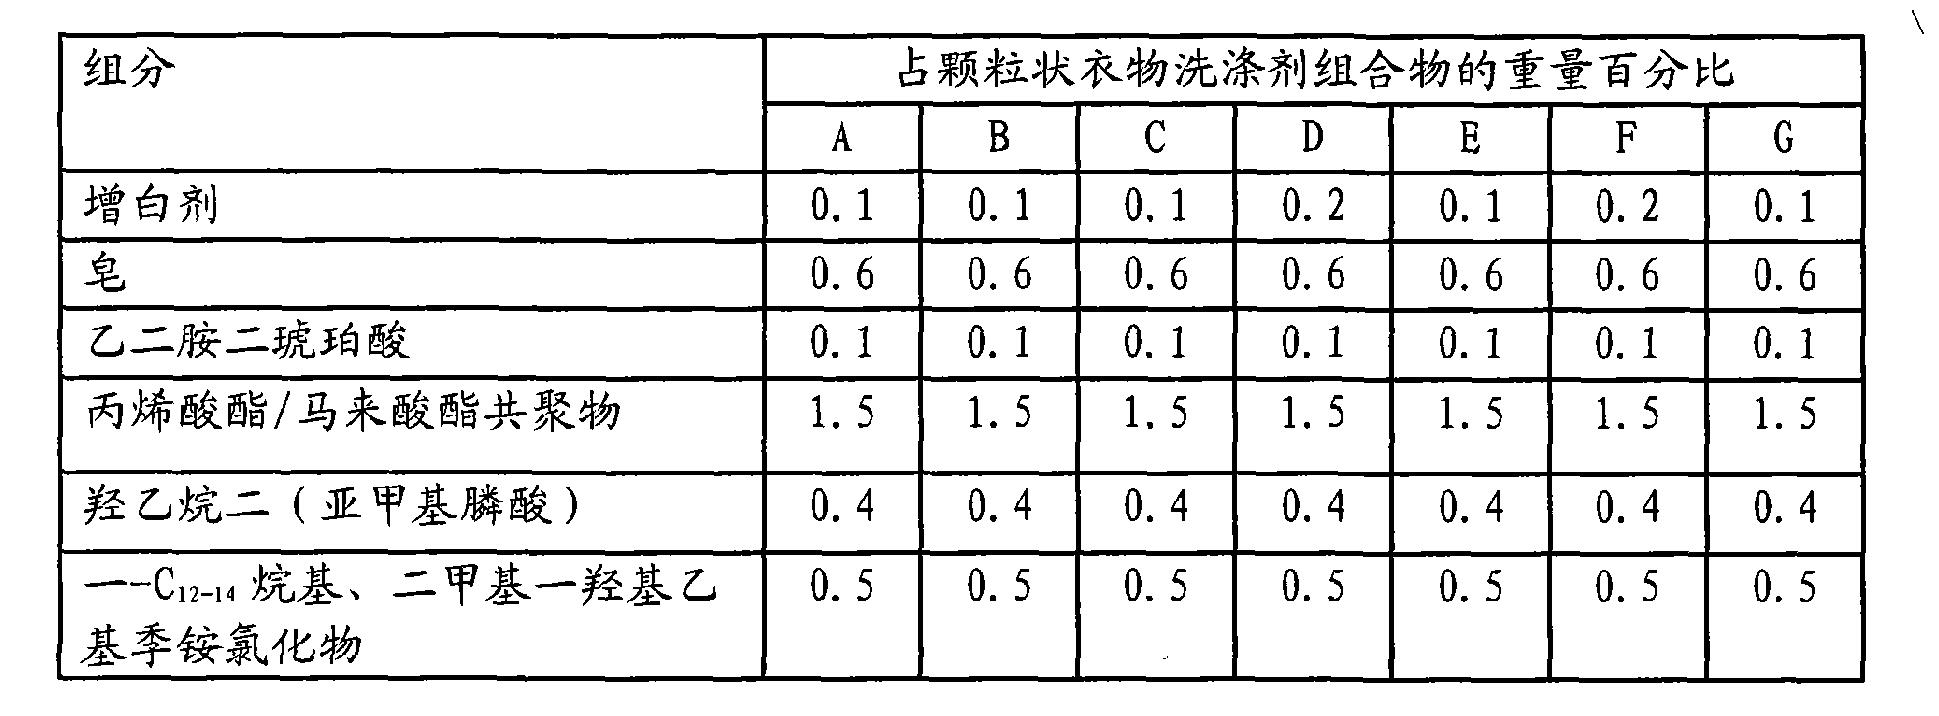 Figure CN101611129BD00331